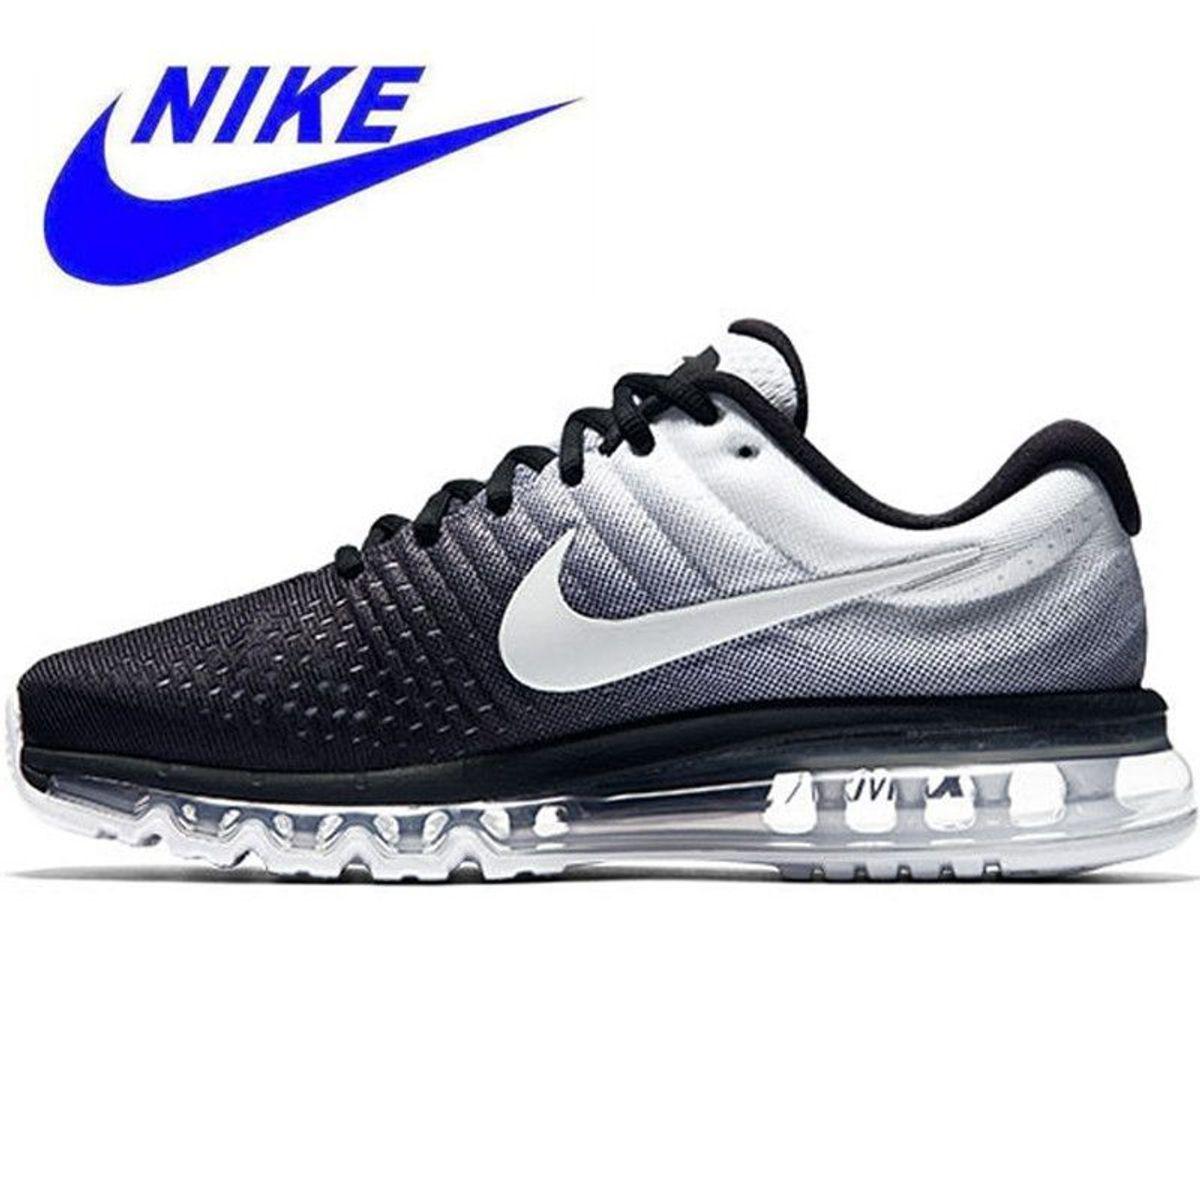 Coro Legítimo incondicional  Nike Air Max Gel 2019 Promoção Liquidação Imperdivel | Tênis Feminino Nike  Nunca Usado 36210429 | enjoei